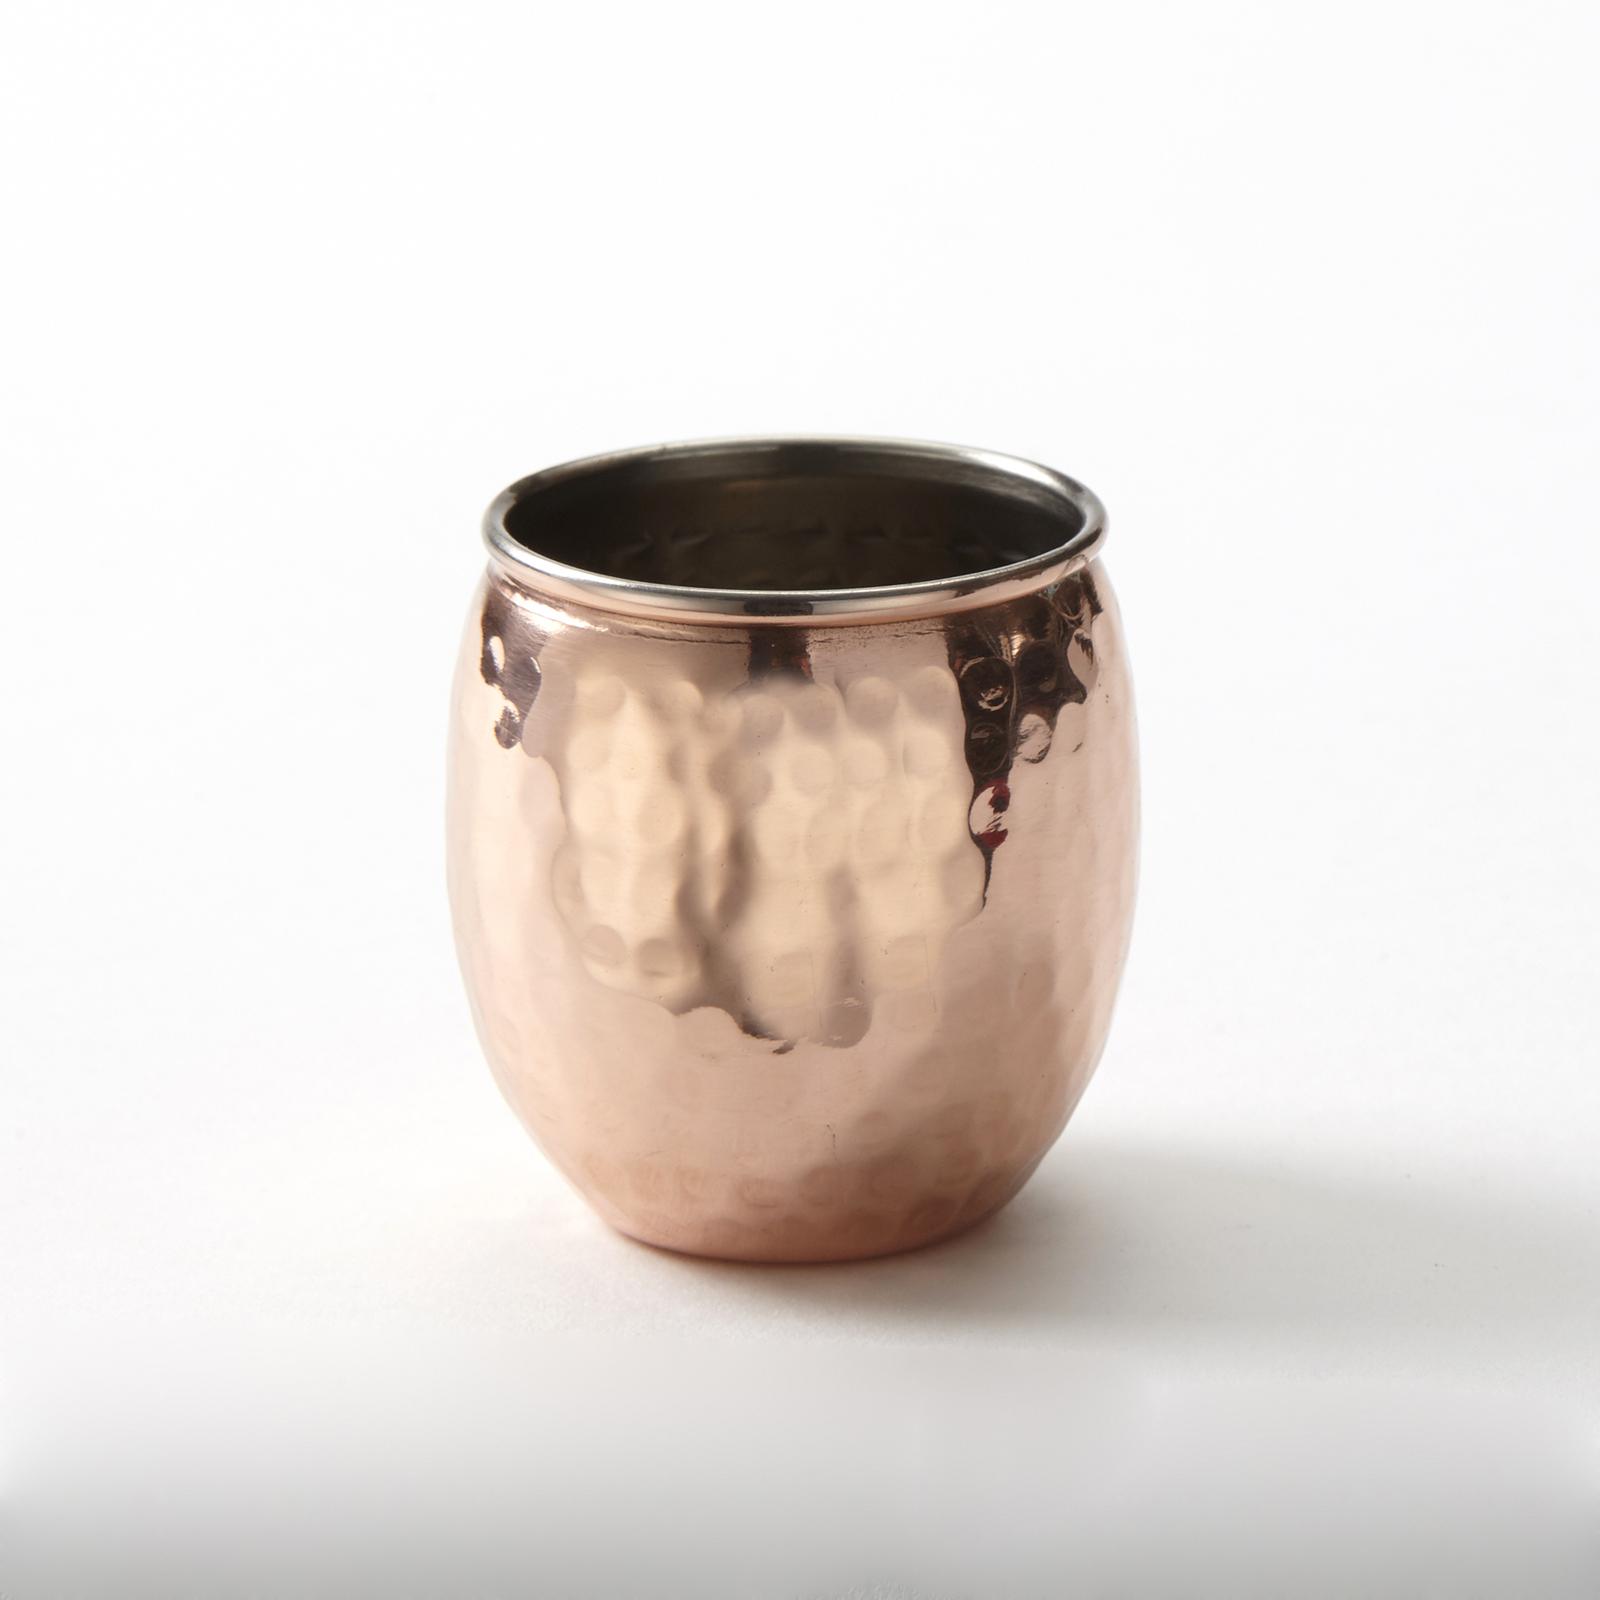 American Metalcraft MMCH mug, metal